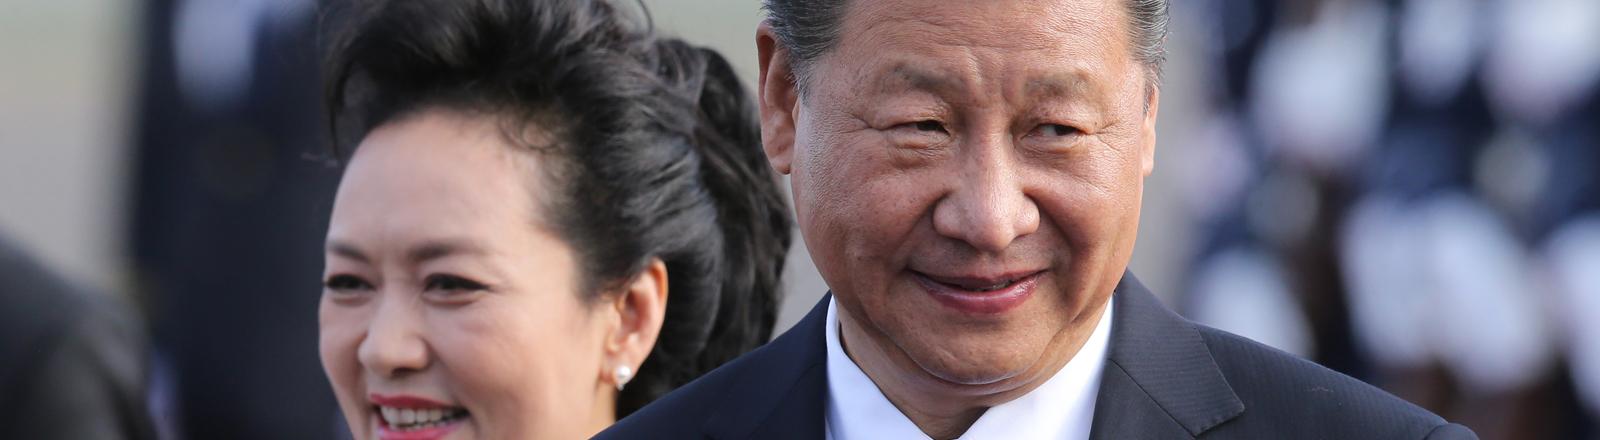 Der Staatspräsident von China, Xi Jinping, und seine Frau Peng Liyuan, 2017.